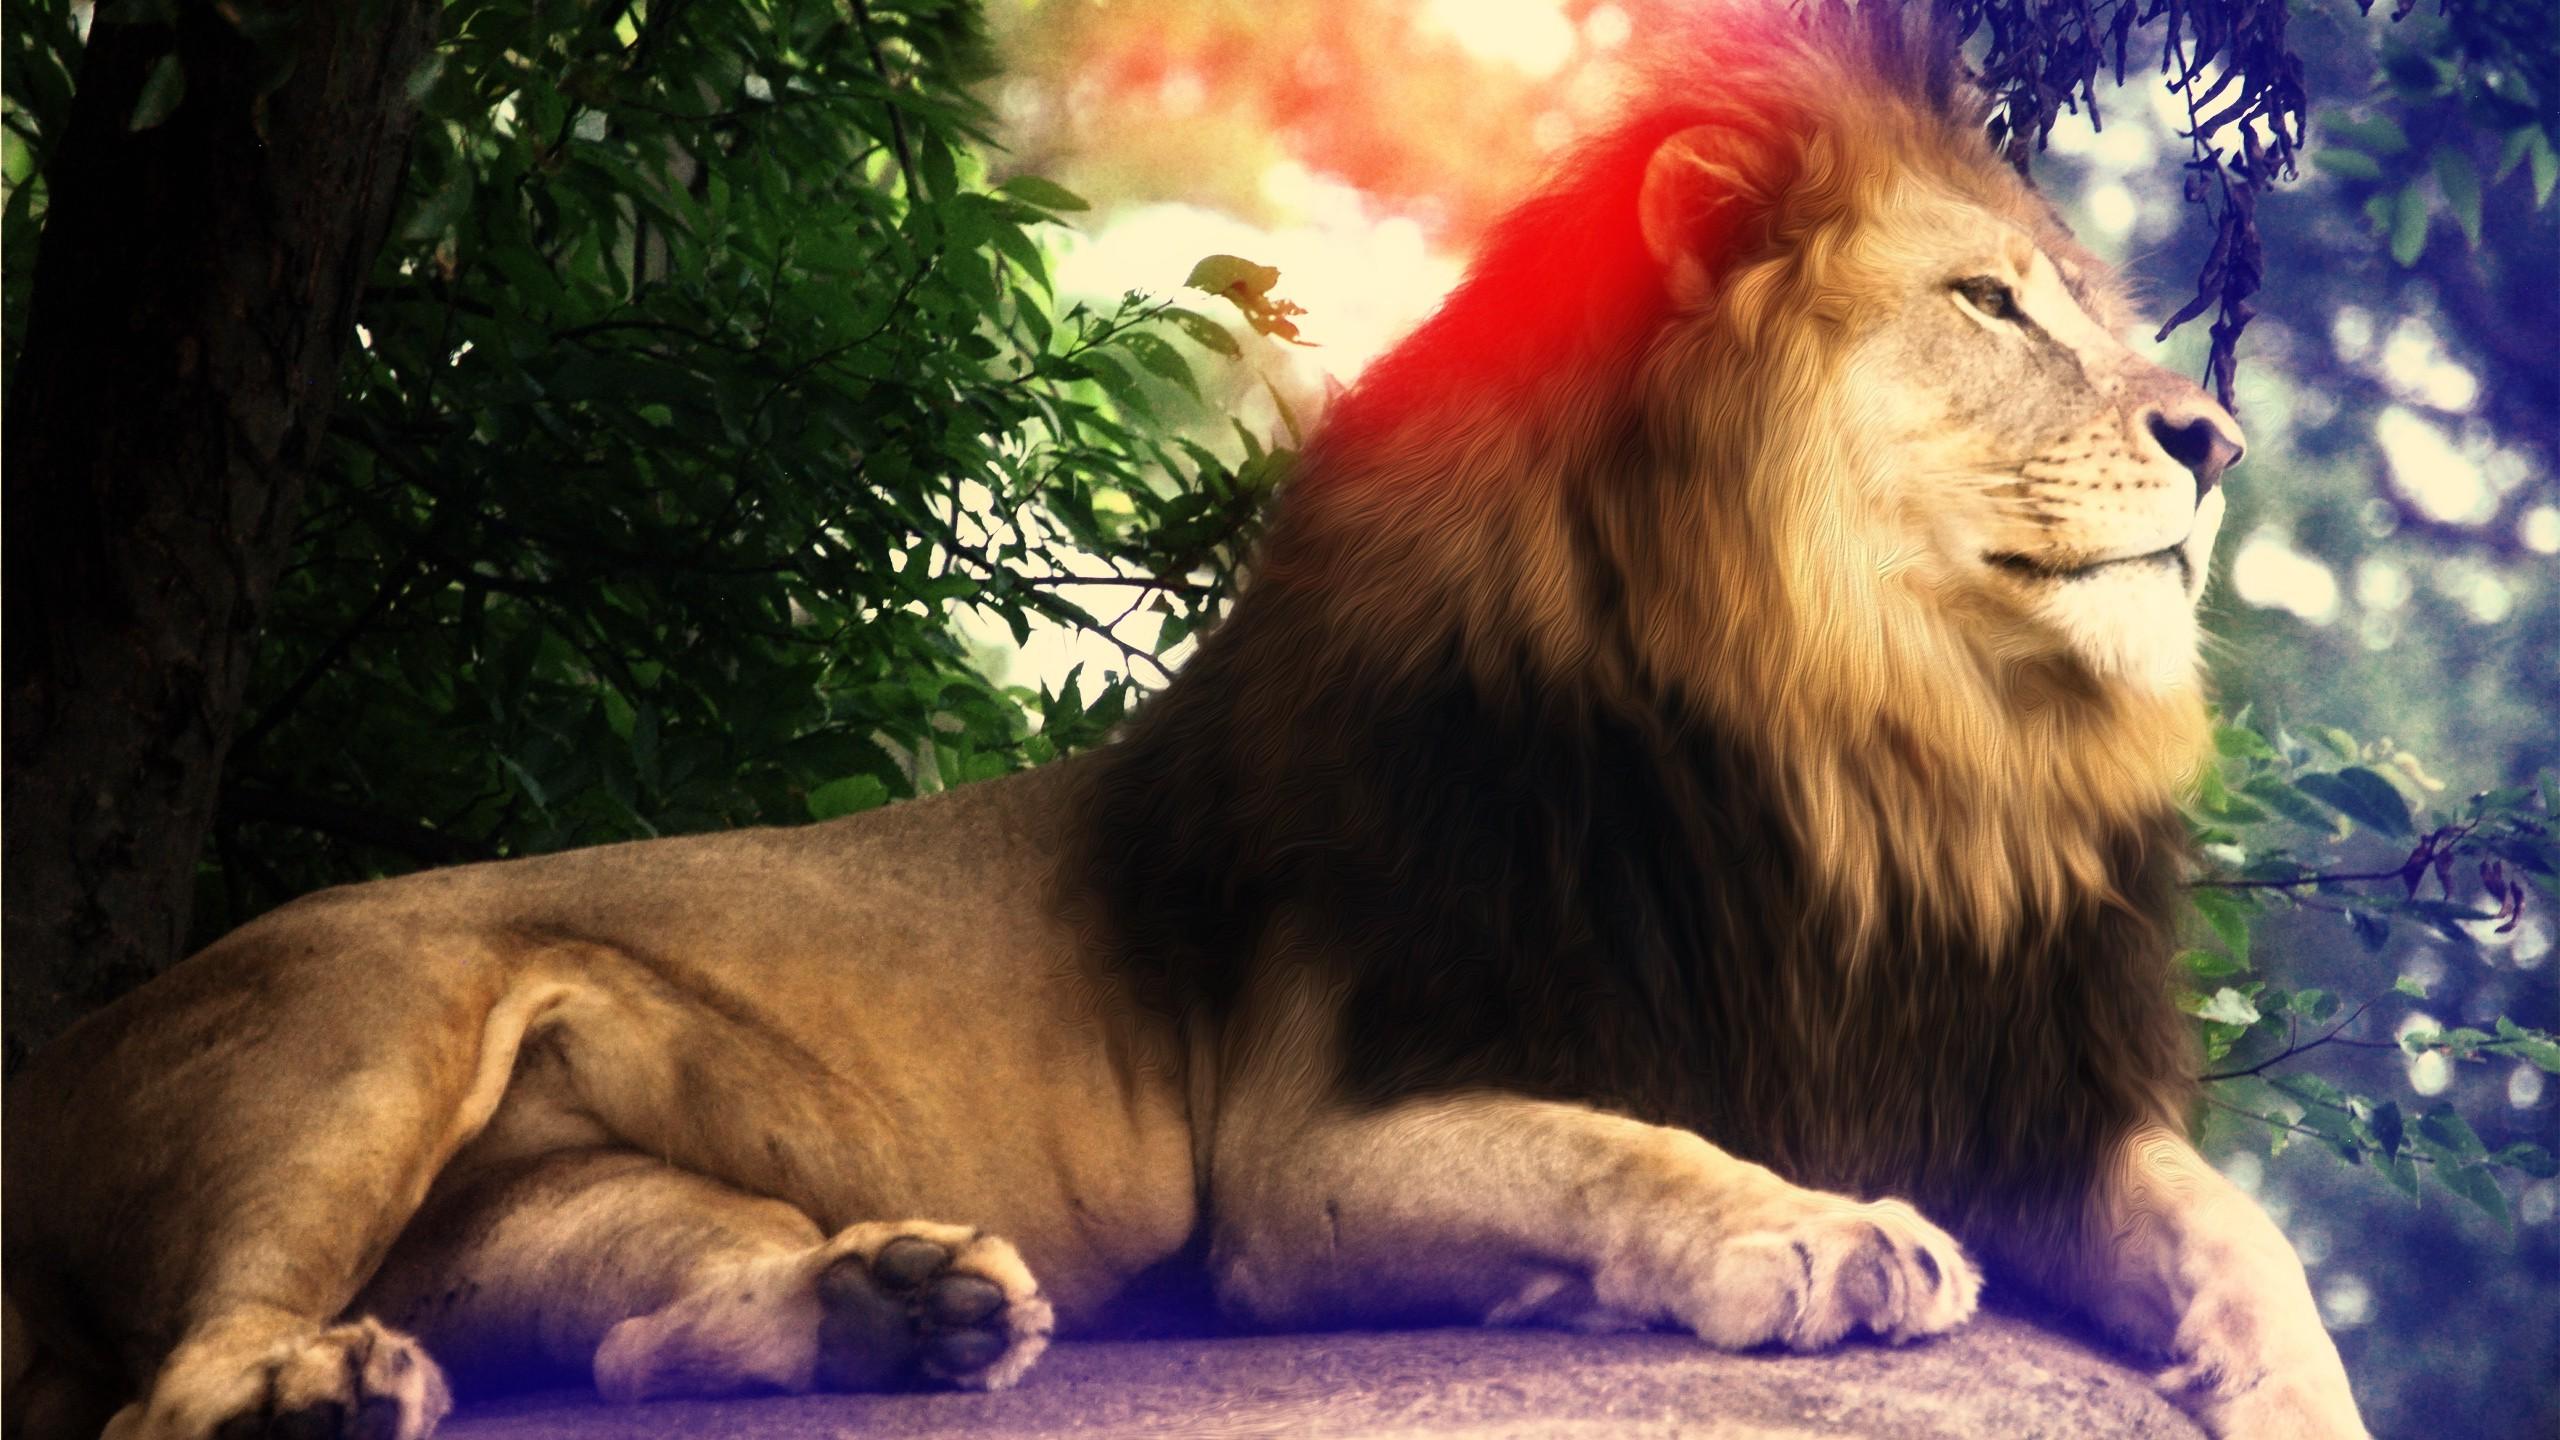 Fond Décran Lion Faune Gros Chats Zoo 2560x1440 Px